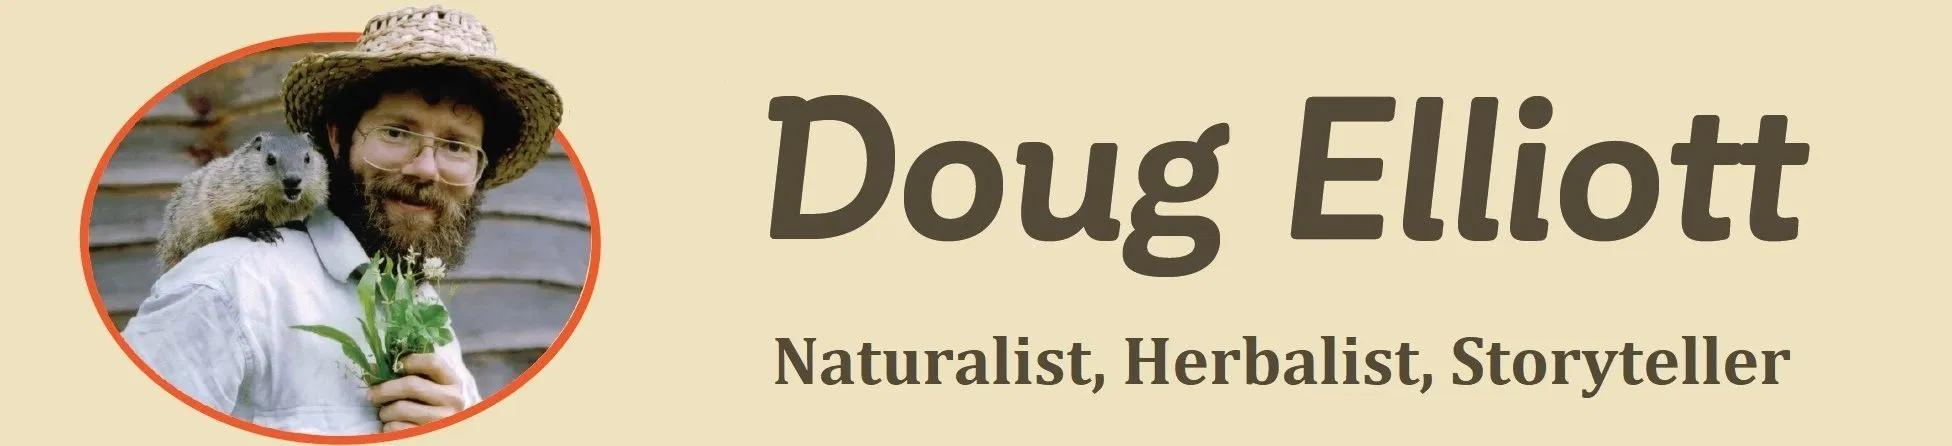 Doug Elliot